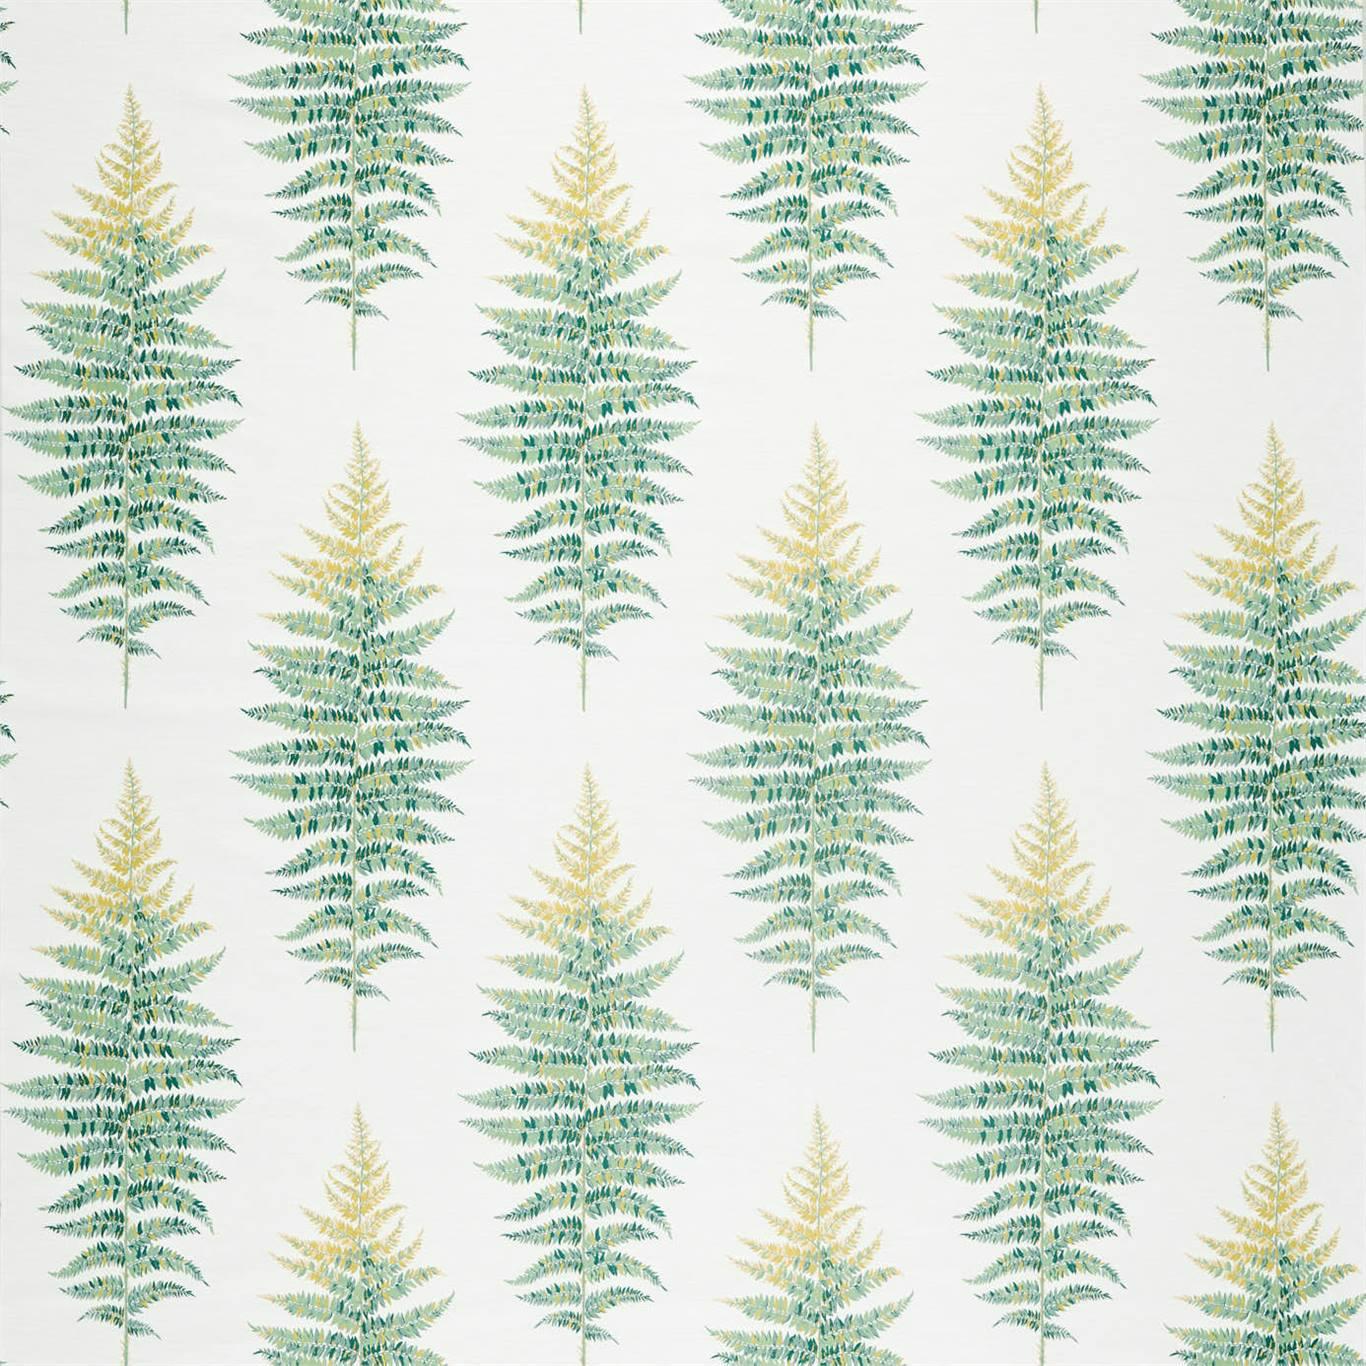 Fernery Weave by SAN